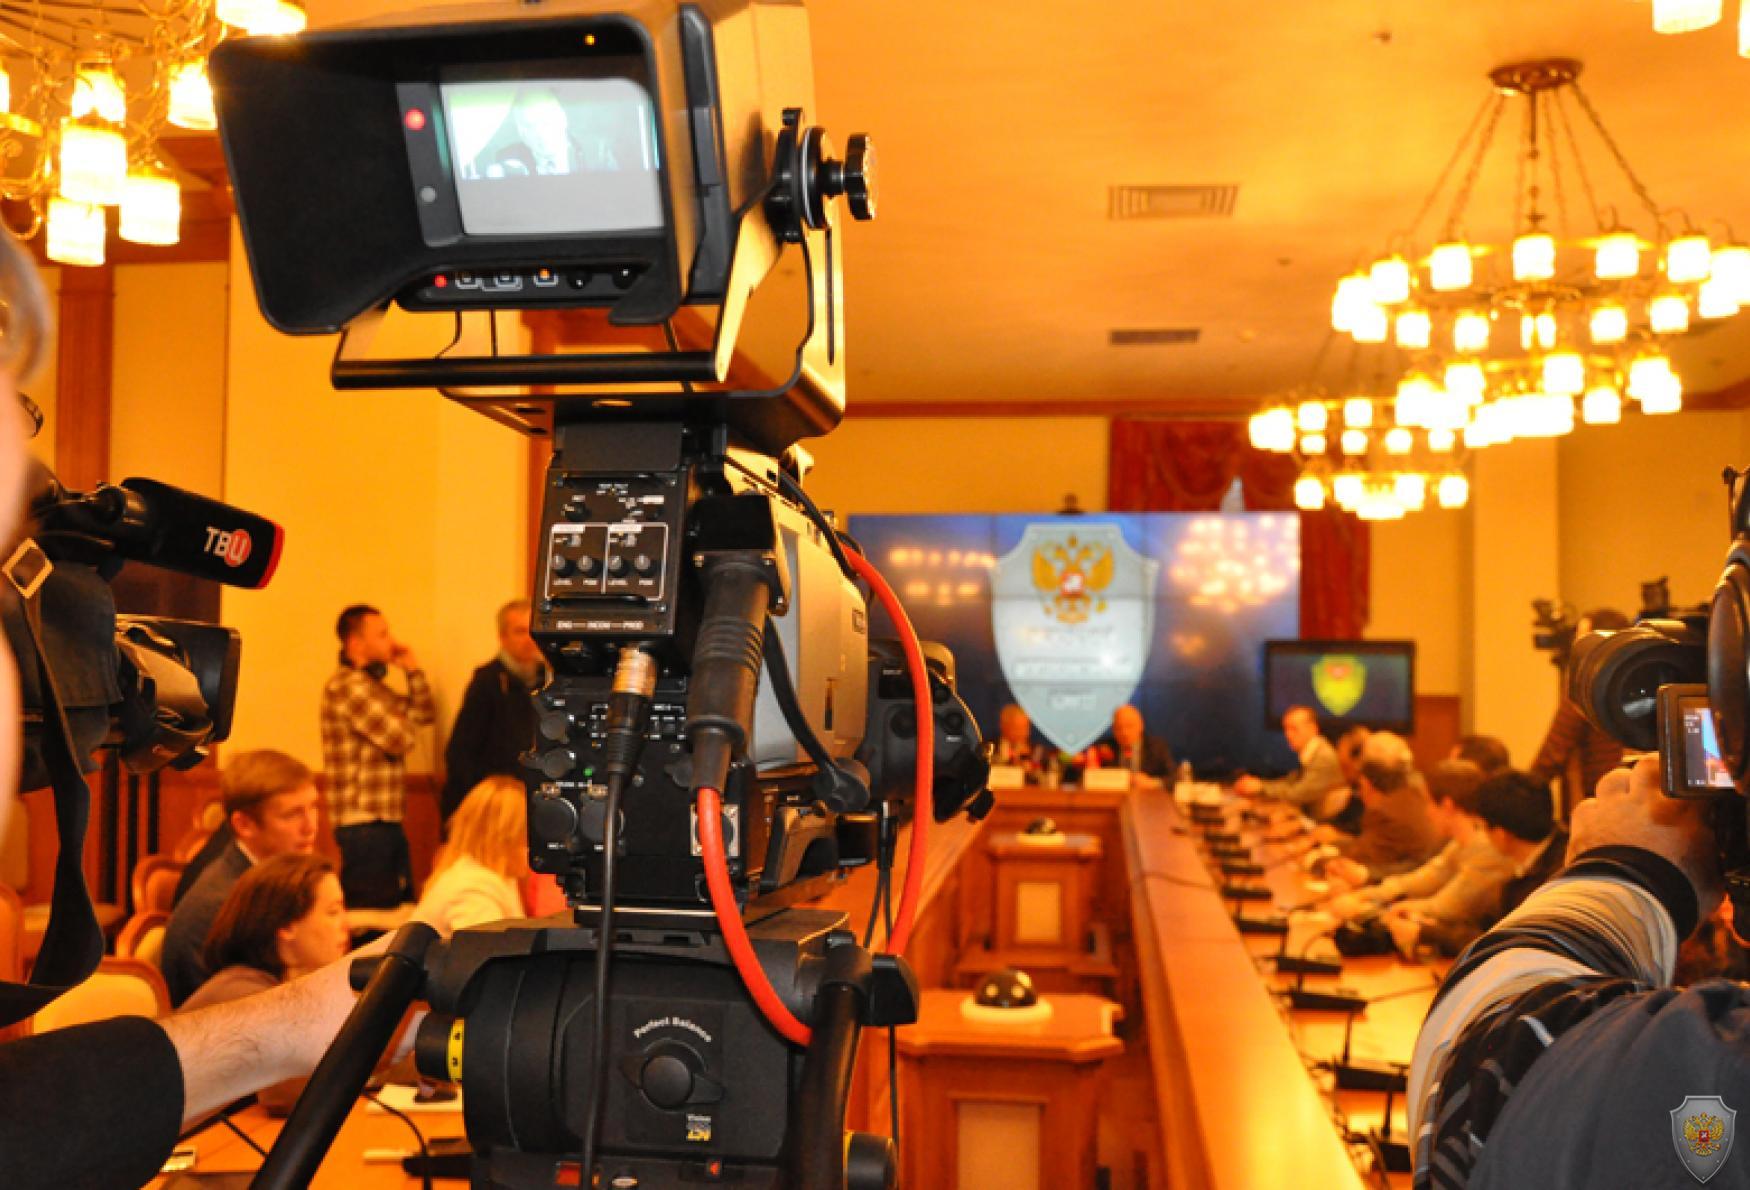 Международная пресс-конференция Информационного центра НАК в МИД России. «Профилактика террористических угроз – приоритетная задача государства и общества». Москва. 16 декабря 2014 года